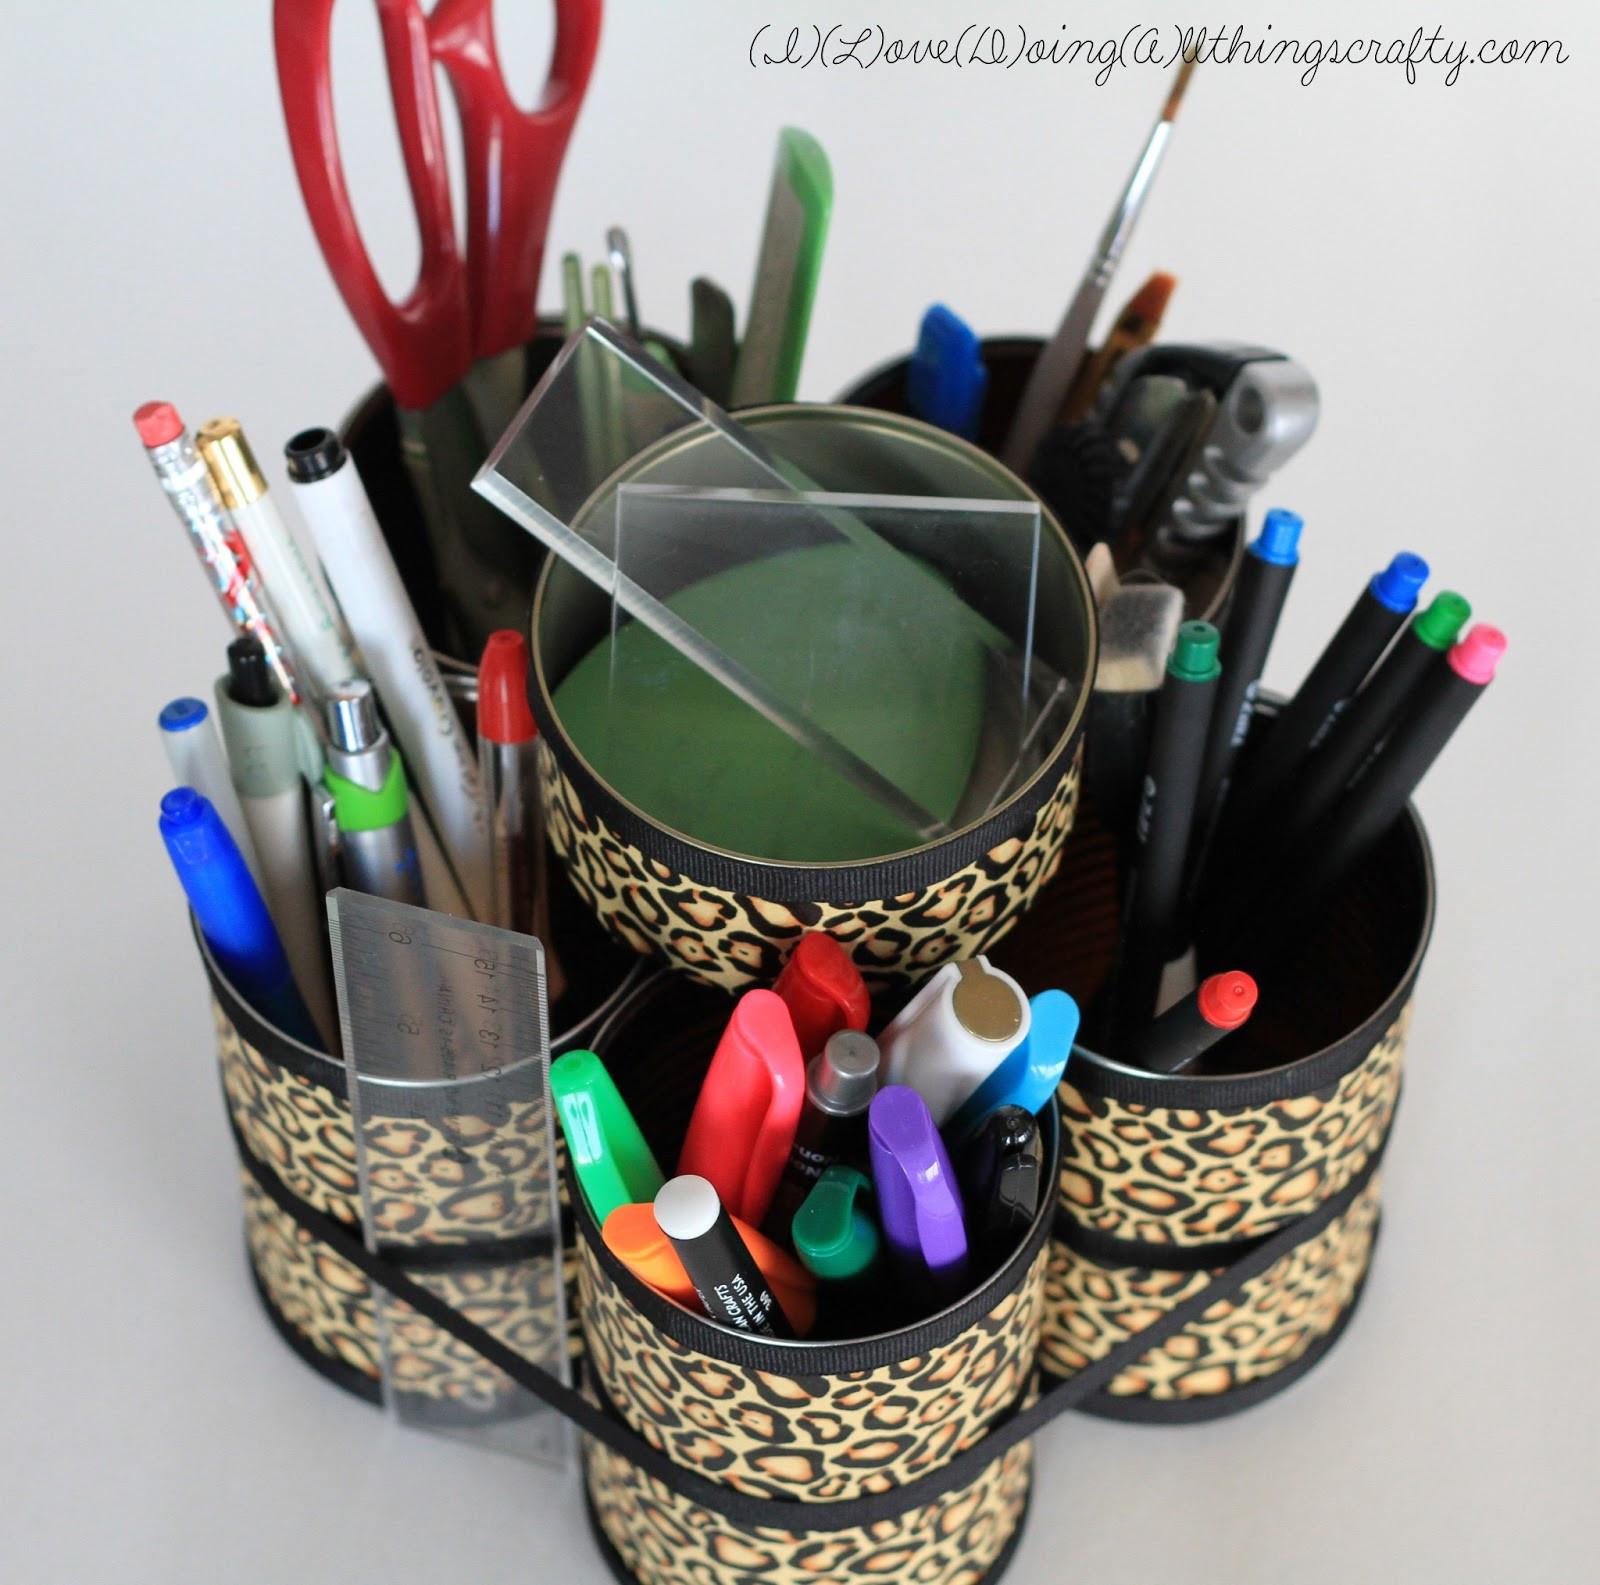 Desk Organizer Diy  I Love Doing All Things Crafty DIY Desk Organizer